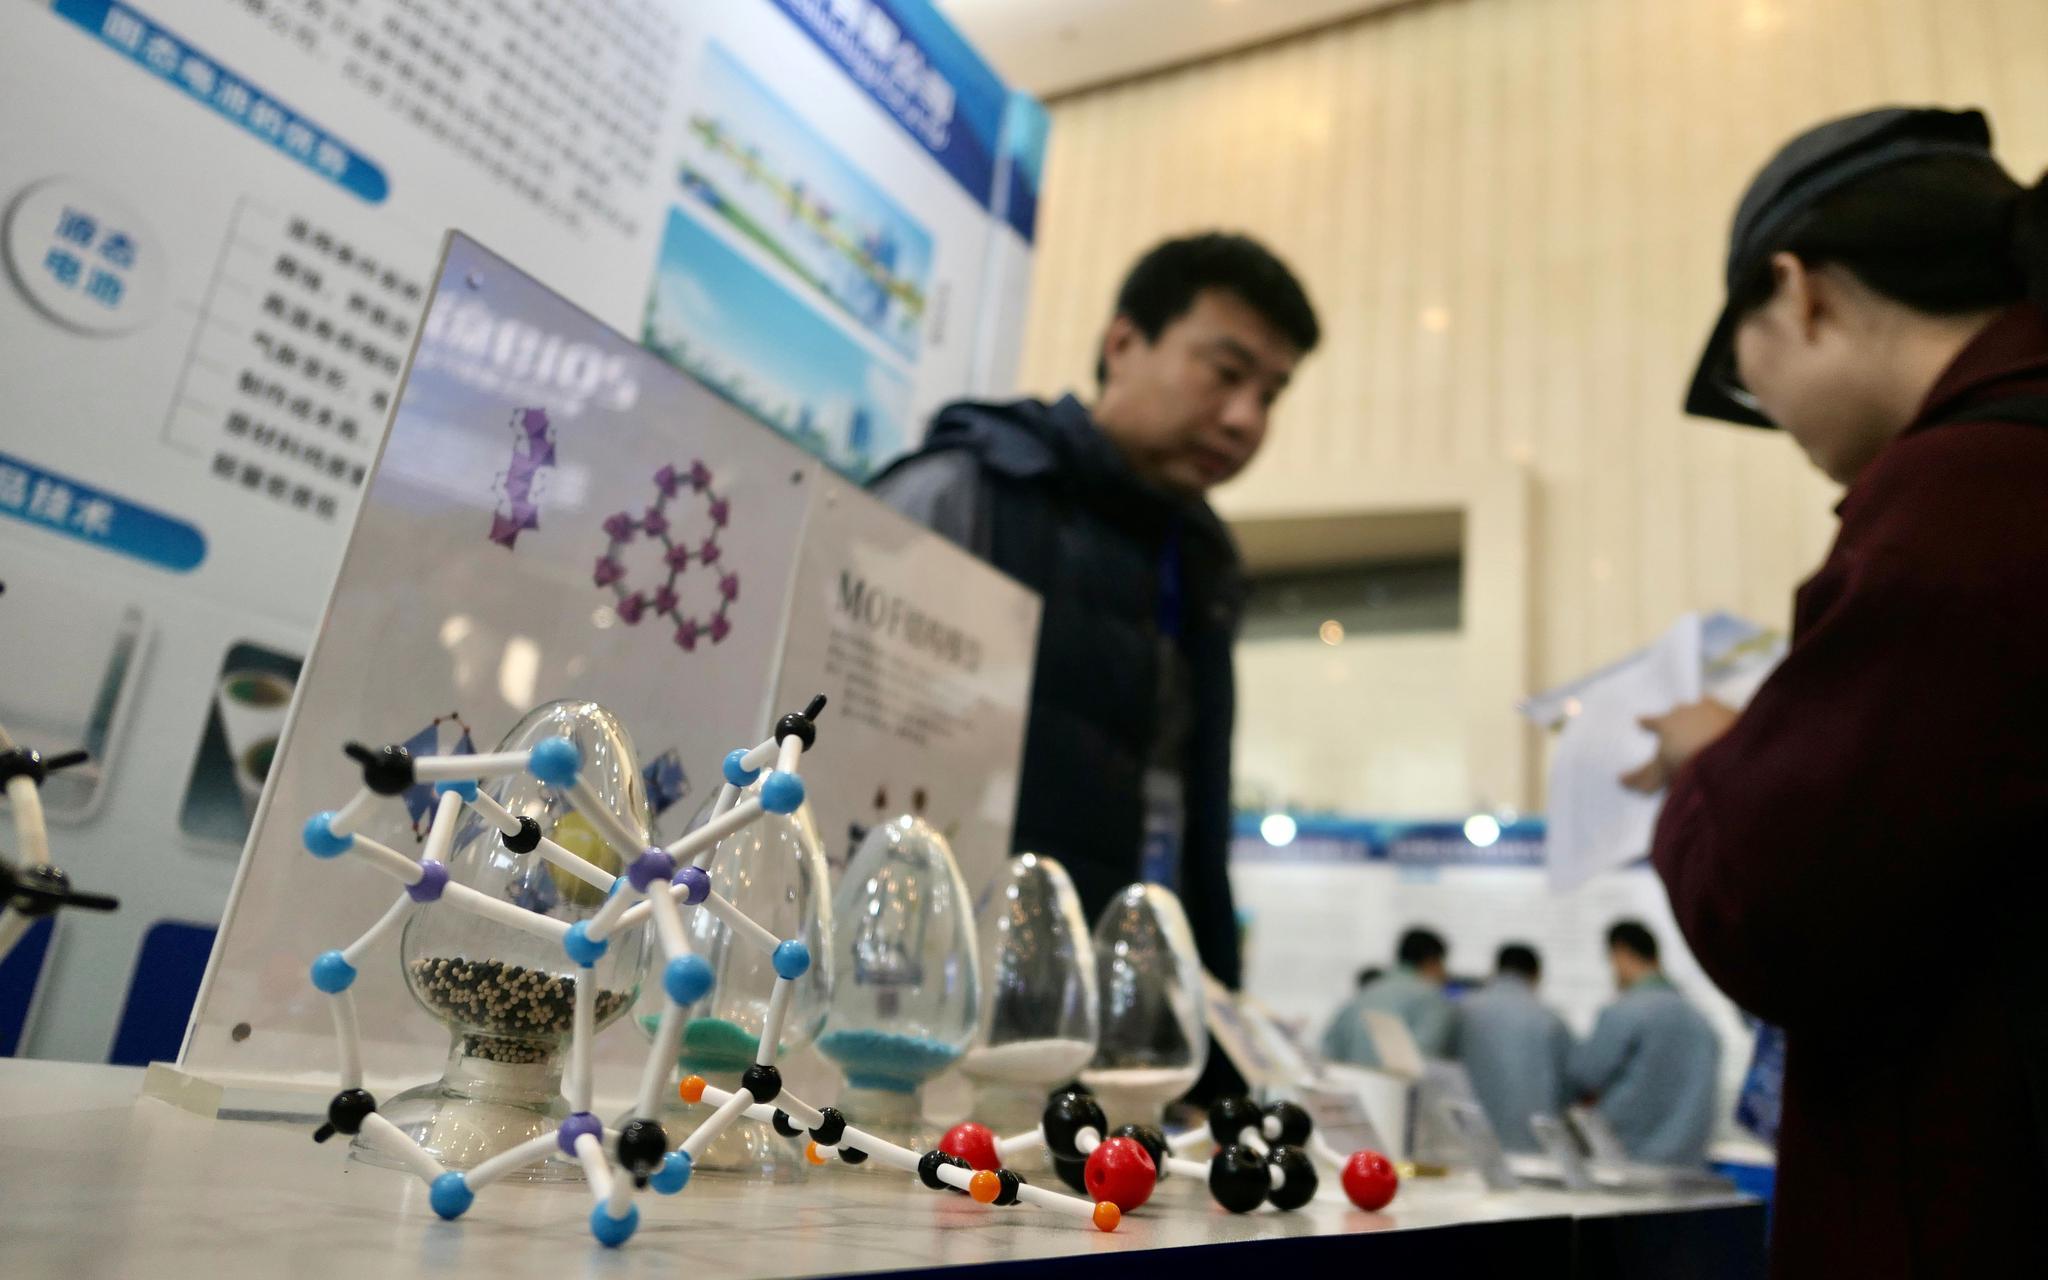 北京石墨烯产业创新中心种子孵化园落户房山